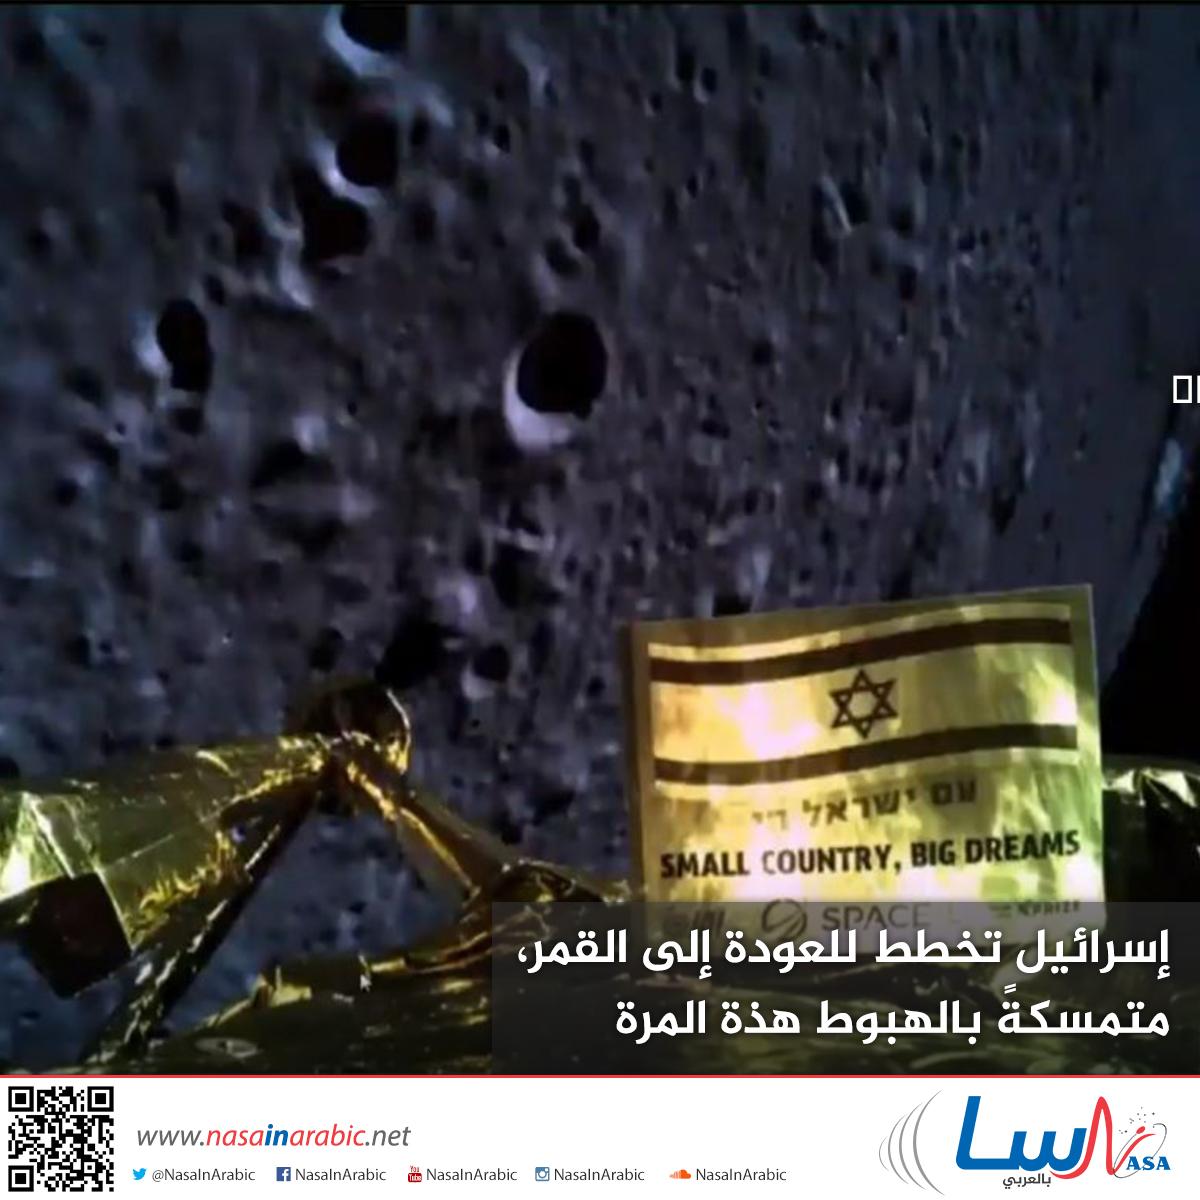 إسرائيل تخطط للعودة إلى القمر، متمسكةً بالهبوط هذة المرة